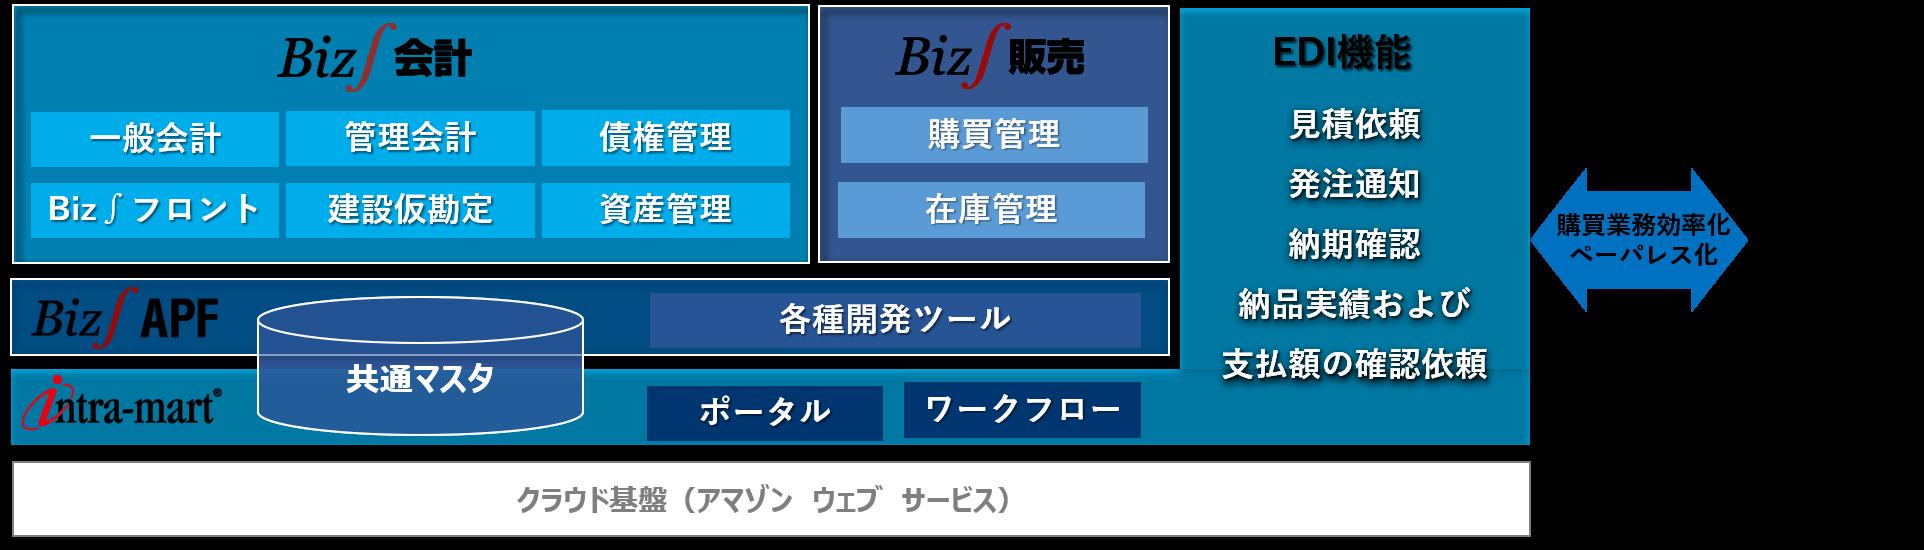 電気・ガス業界 ERP(基幹システム)構成図(京葉ガス様)